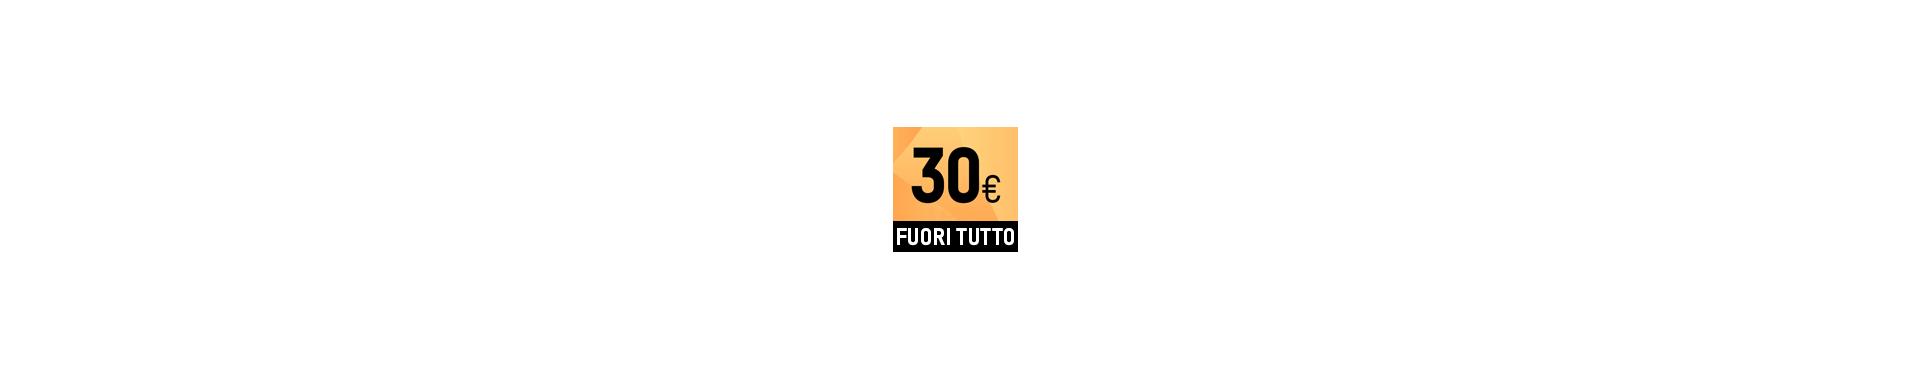 Guanti Moto a € 30